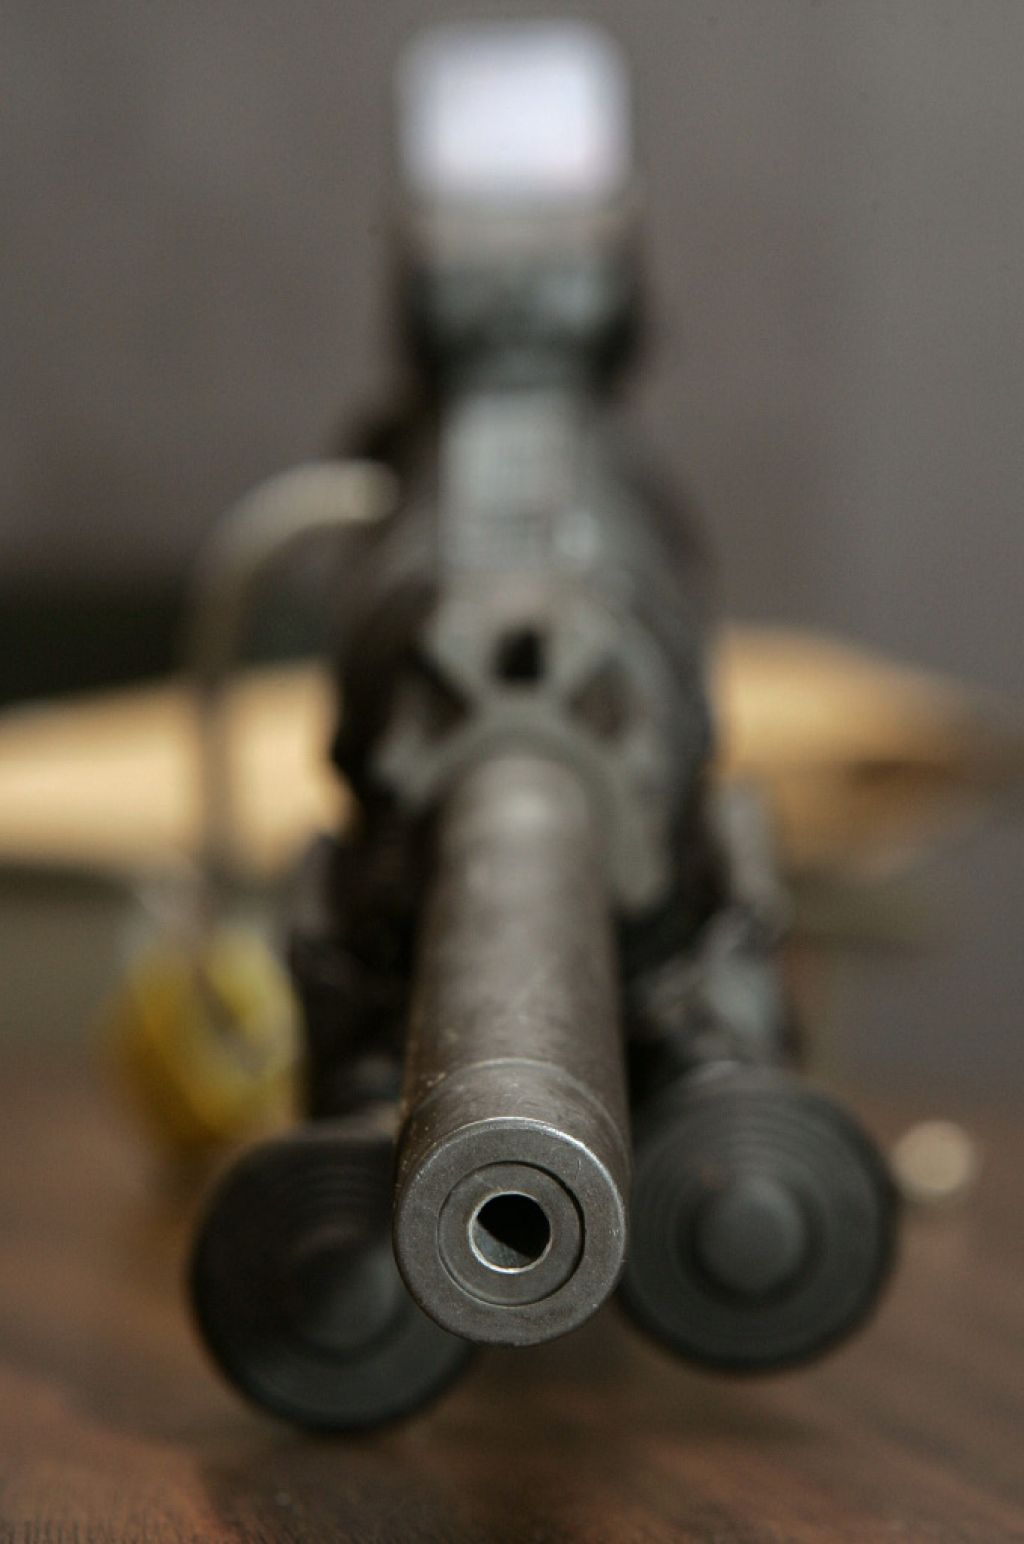 Strelivo iz skladišč JLA v Ložnici začetek trgovanja z orožjem?